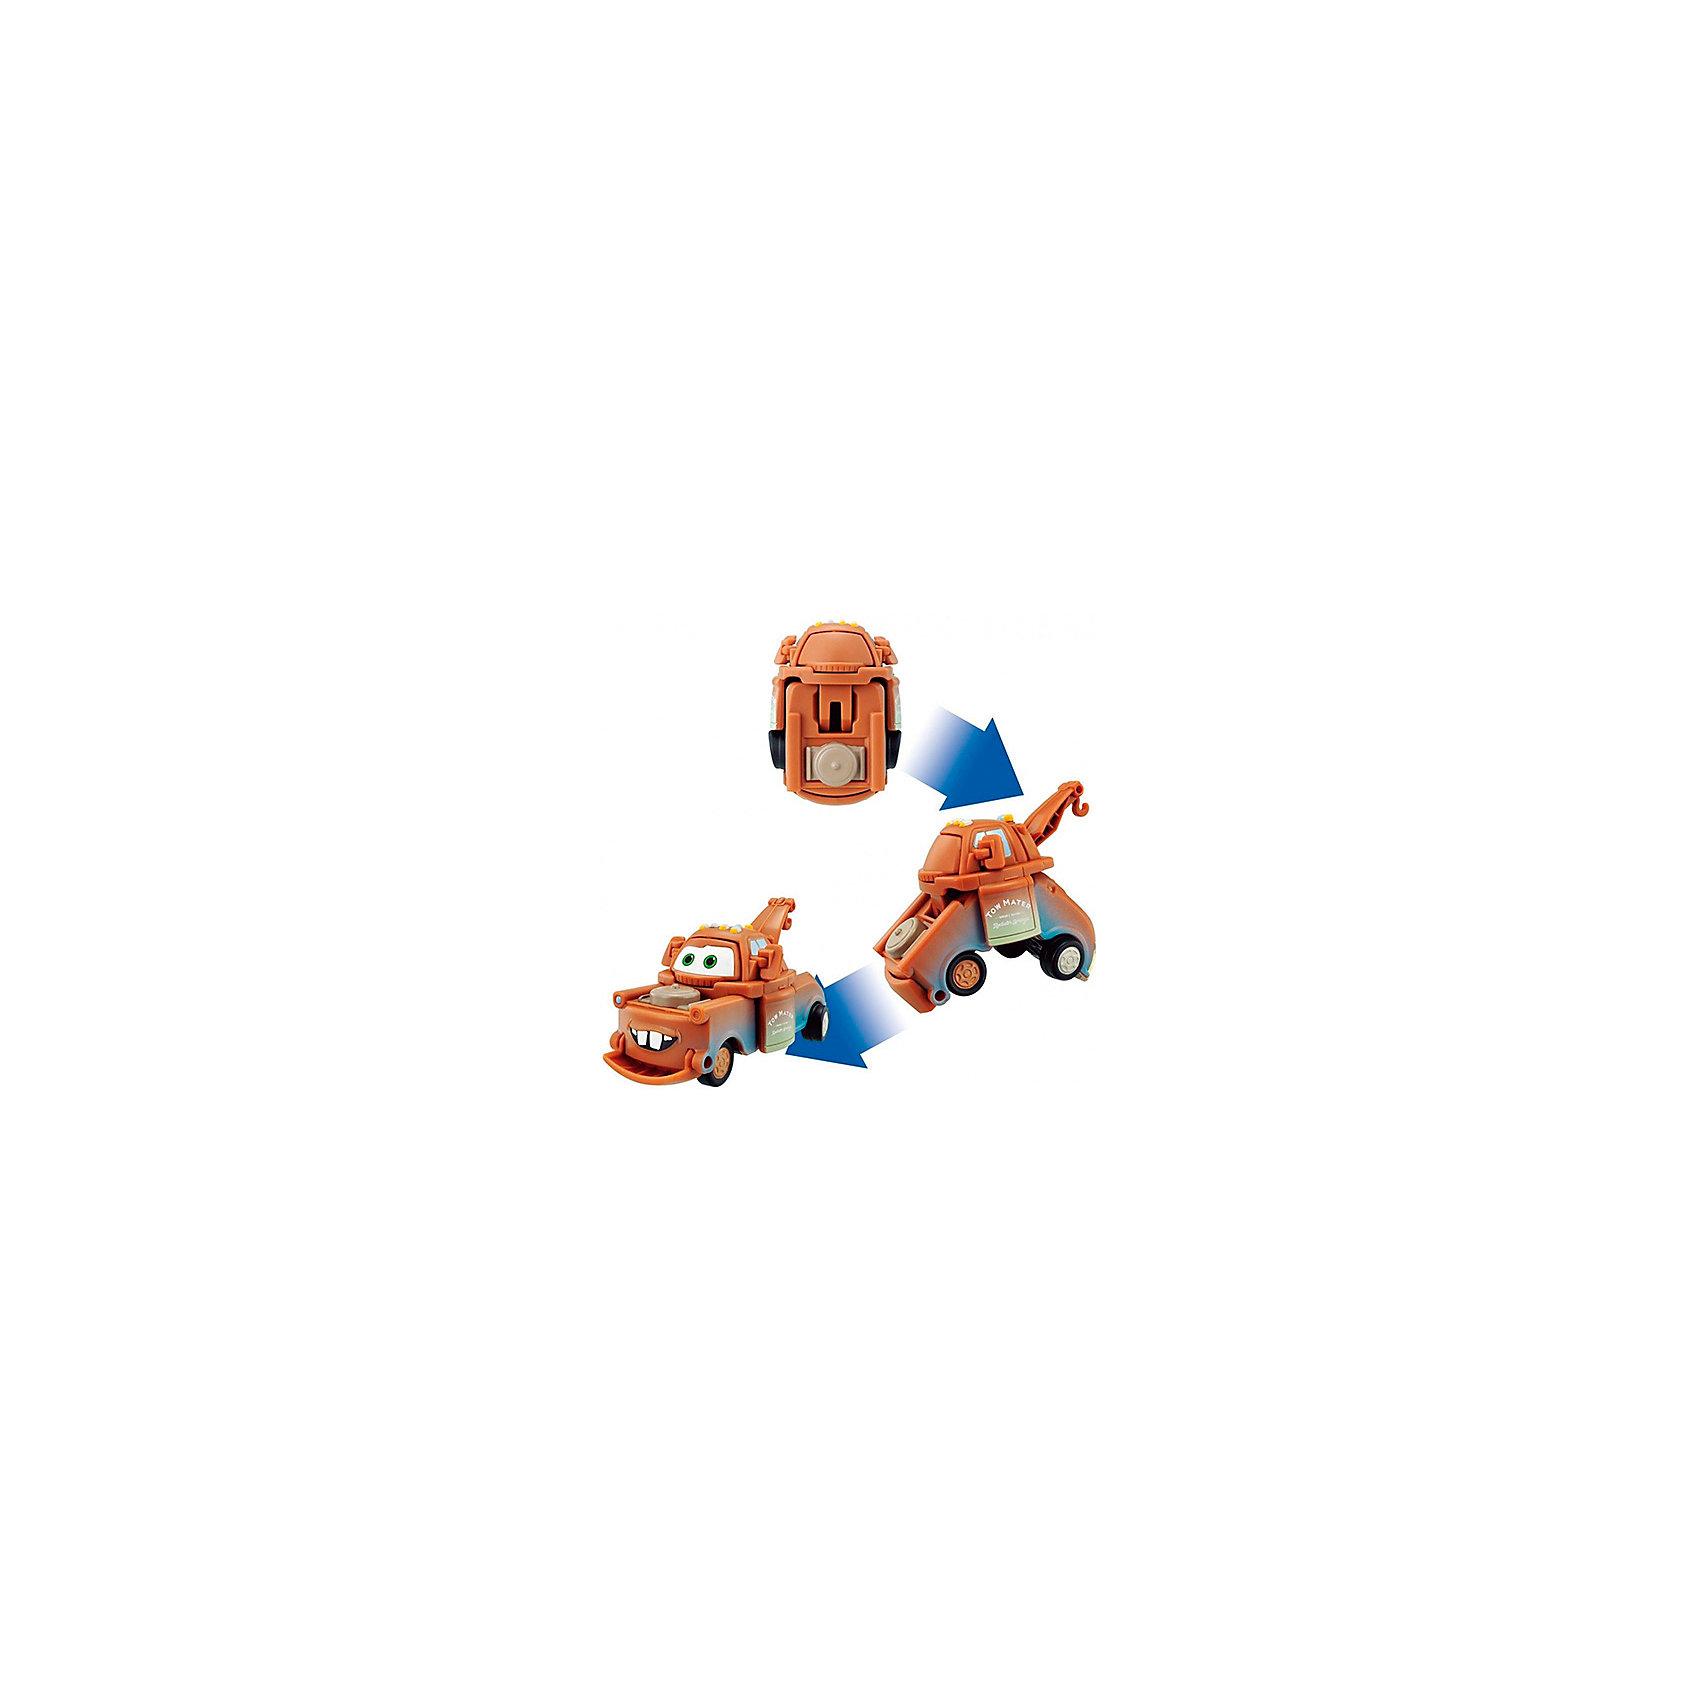 Яйцо-трансформер Мэтр, Тачки, EggStarsEggStars - игрушка-трансформер, выполненная в виде яйца, которое превращается в одного из популярных героев мультфильма Тачки. Всего несколько движений, и пластиковое яйцо превратится в веселого Мэтра! <br><br>Дополнительная информация:<br><br>- Материал: пластик.<br>- Размер в разобранном состоянии: 5х8х17 см.<br><br>Яйцо-трансформер Мэтр, Тачки, EggStars (Эгг Старс), можно купить в нашем магазине.<br><br>Ширина мм: 80<br>Глубина мм: 170<br>Высота мм: 60<br>Вес г: 73<br>Возраст от месяцев: 36<br>Возраст до месяцев: 168<br>Пол: Мужской<br>Возраст: Детский<br>SKU: 4251480